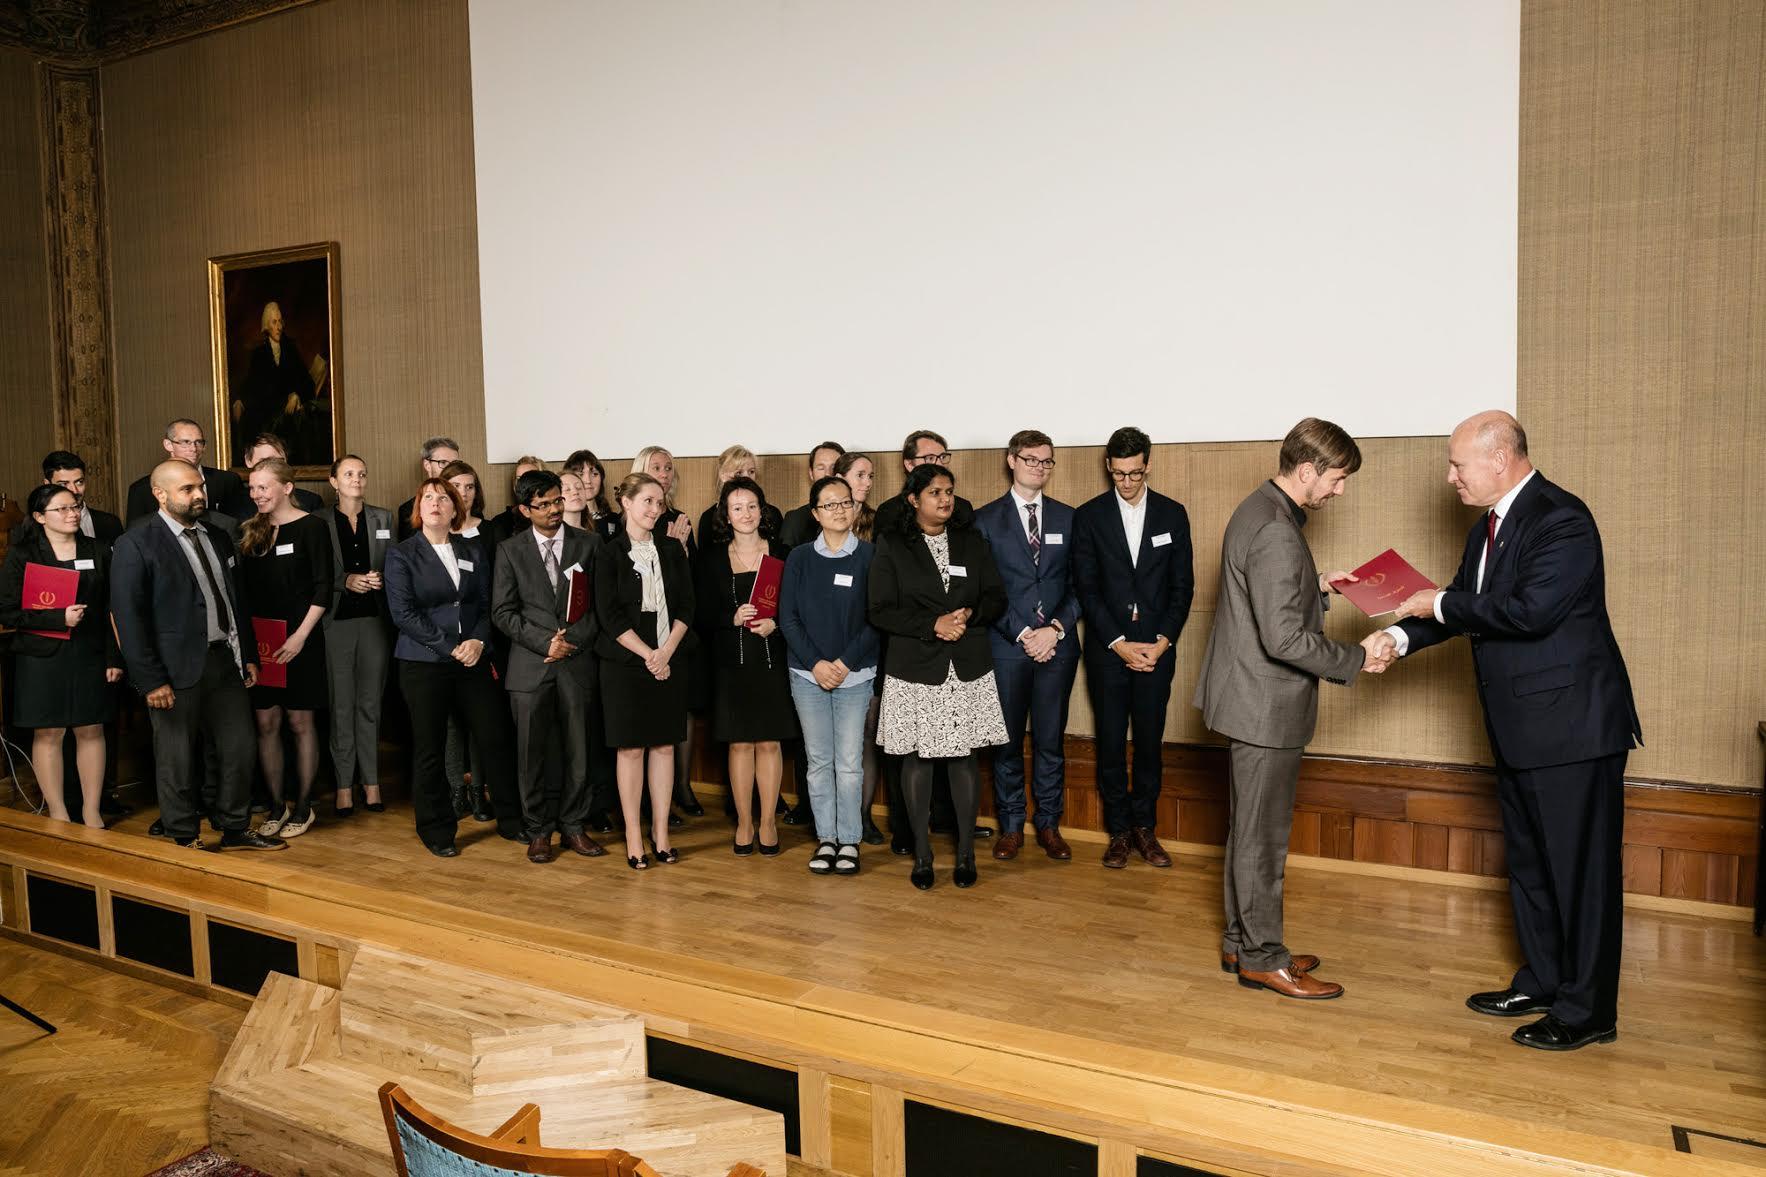 SSMF:s ordförande Mats Ulfendal delar ut diplom till SSMF:s stipendiater, Svenska Läkaresällskapet i Stockholm, den 4 oktober 2016. Fotograf: Hans Ericksson